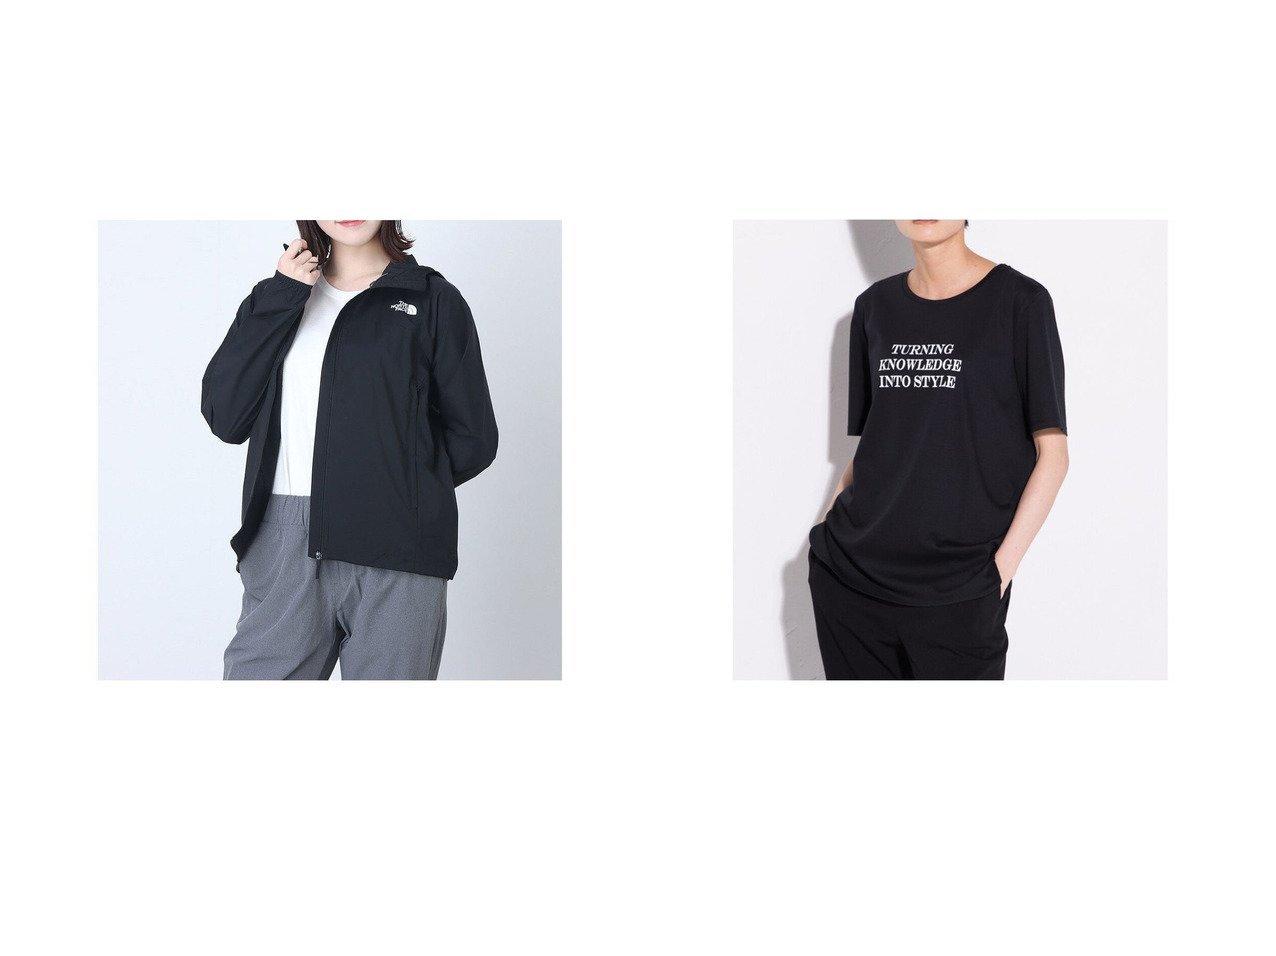 【THE NORTH FACE/ザ ノース フェイス】のレディース アウトドア アウトドアジャケット Swallowtail Hoodie&【la.f.../ラ エフ】の【大人のための上質Tシャツコレクション】ロゴプリントTシャツ おすすめ!人気、トレンド・レディースファッションの通販 おすすめで人気の流行・トレンド、ファッションの通販商品 インテリア・家具・メンズファッション・キッズファッション・レディースファッション・服の通販 founy(ファニー) https://founy.com/ ファッション Fashion レディースファッション WOMEN アウター Coat Outerwear ジャケット Jackets トップス・カットソー Tops/Tshirt シャツ/ブラウス Shirts/Blouses ロング / Tシャツ T-Shirts アウトドア 春 Spring 軽量 ジャケット 定番 Standard ポケット メッシュ ランニング 2021年 2021 S/S・春夏 SS・Spring/Summer 2021春夏・S/S SS/Spring/Summer/2021 A/W・秋冬 AW・Autumn/Winter・FW・Fall-Winter インナー コレクション スリーブ フレンチ プリント |ID:crp329100000042303